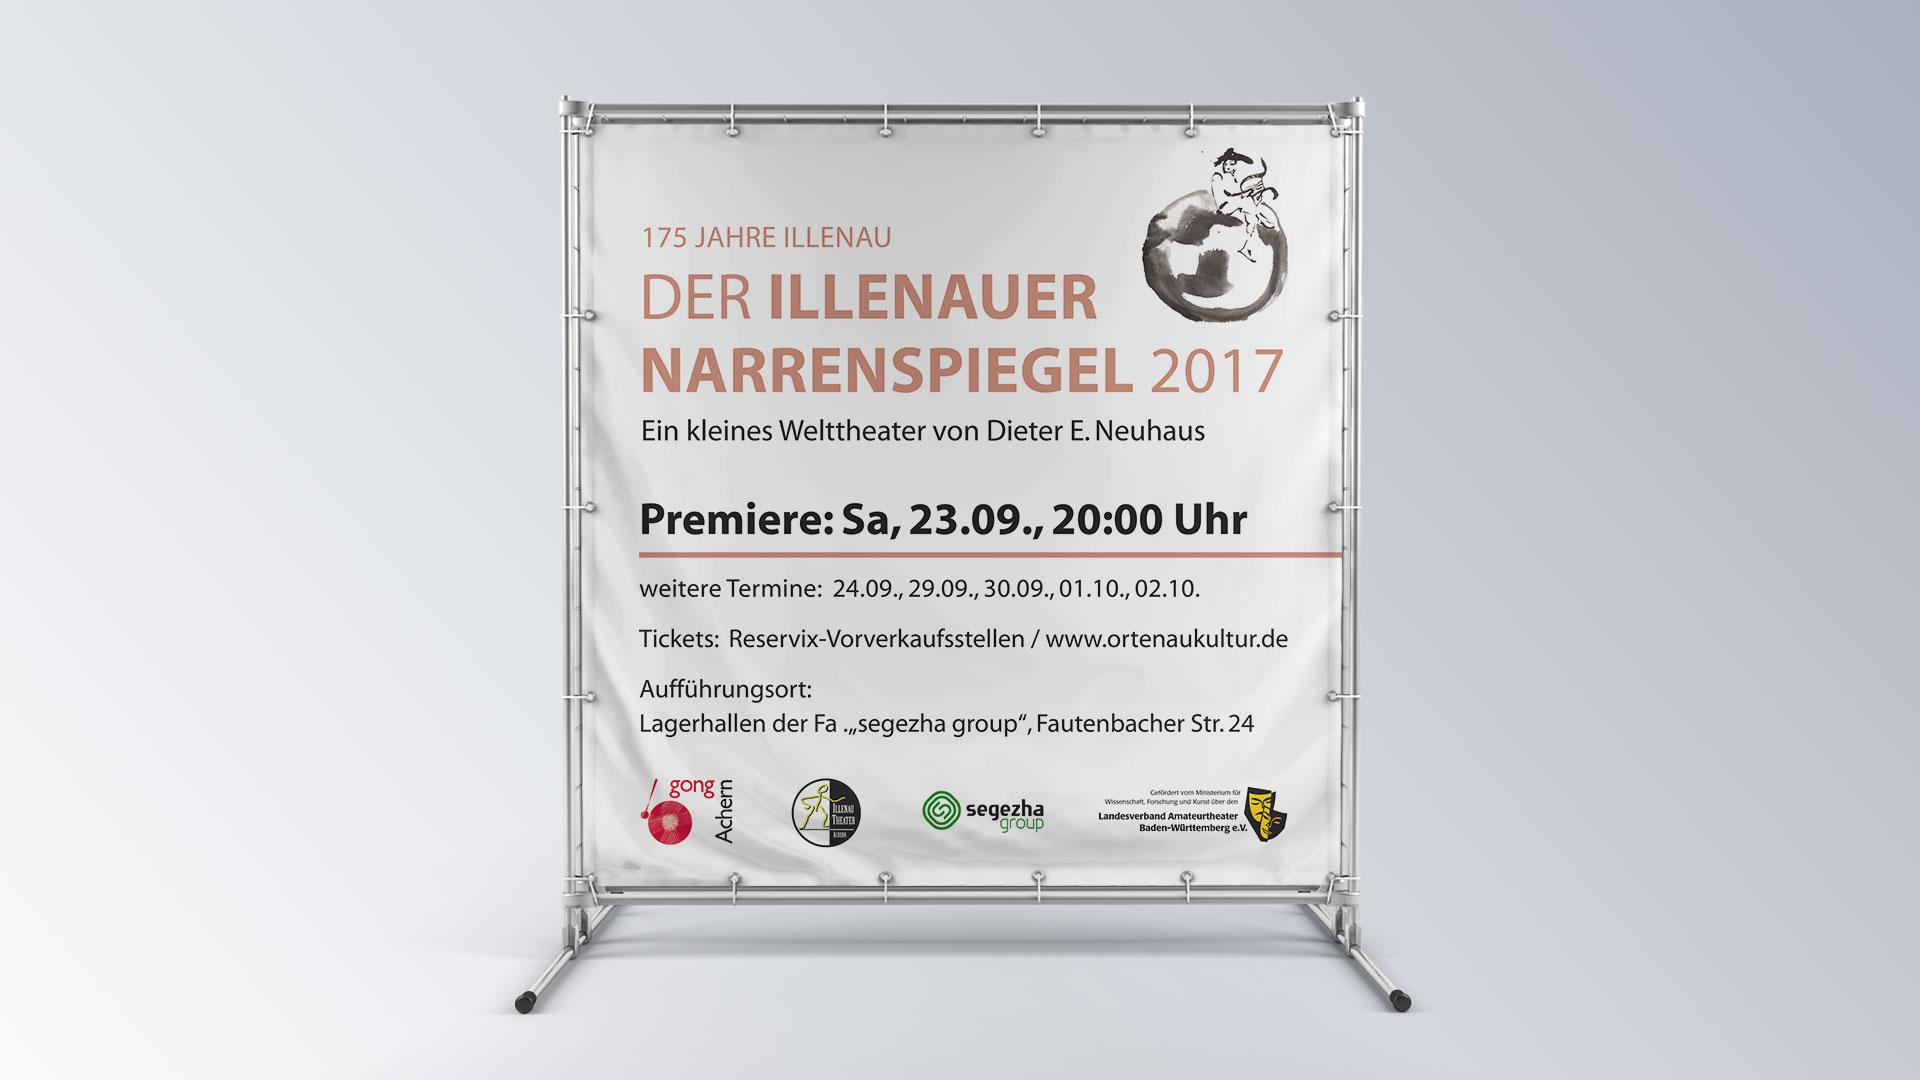 Illenau Arkaden Museum Achern 175 Jahre Illenau Der Illenauer Narrenspiegel Banner